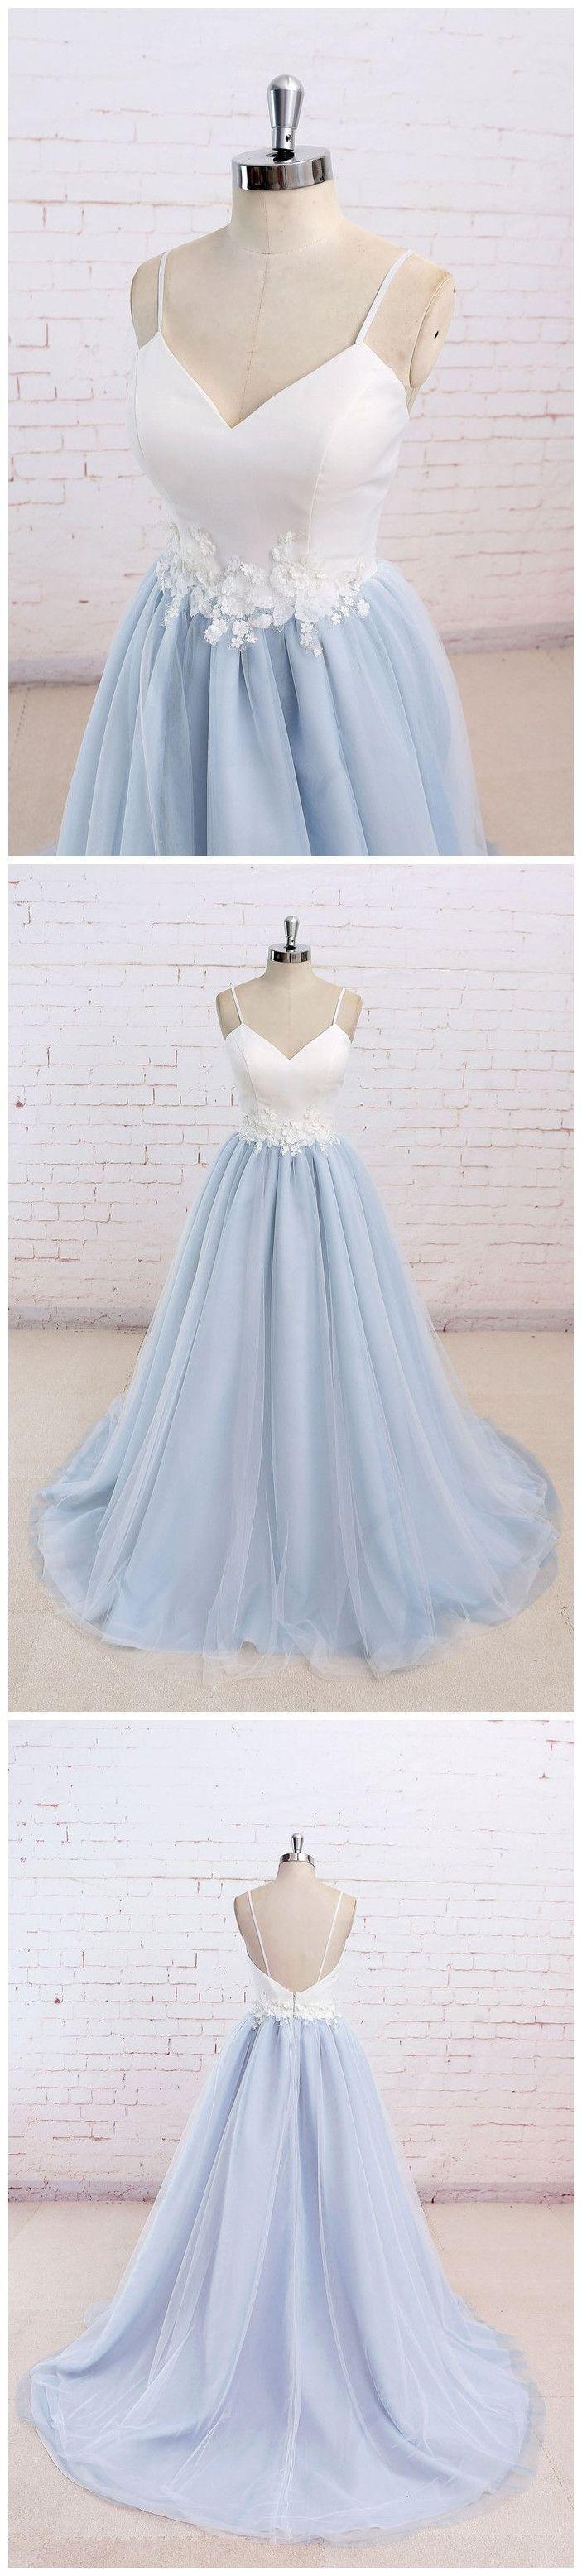 Spaghettiträger Sweet 15 Party Prom Kleid lange Prom Kleider Prom